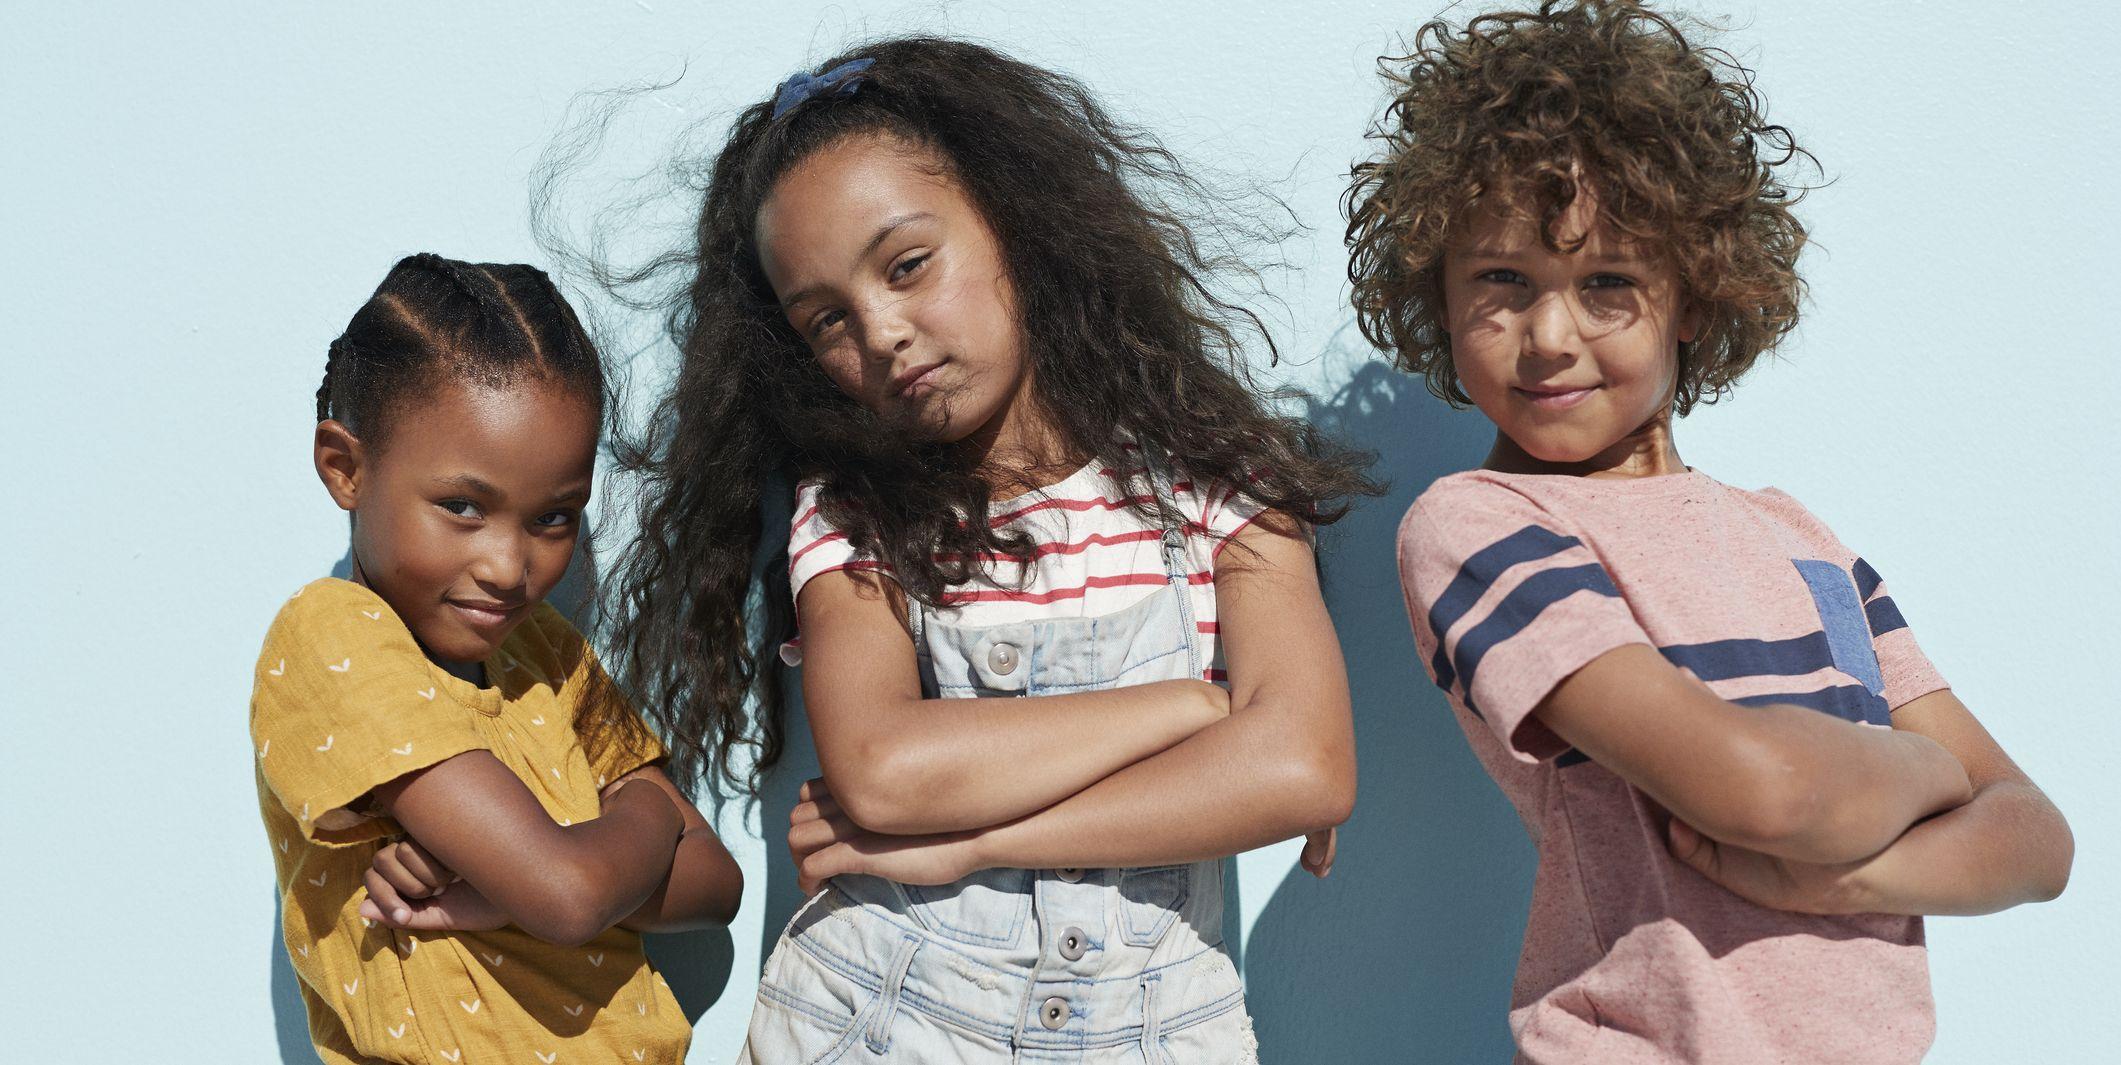 Portrait of 3 cool kids together on blue backdrop in summer